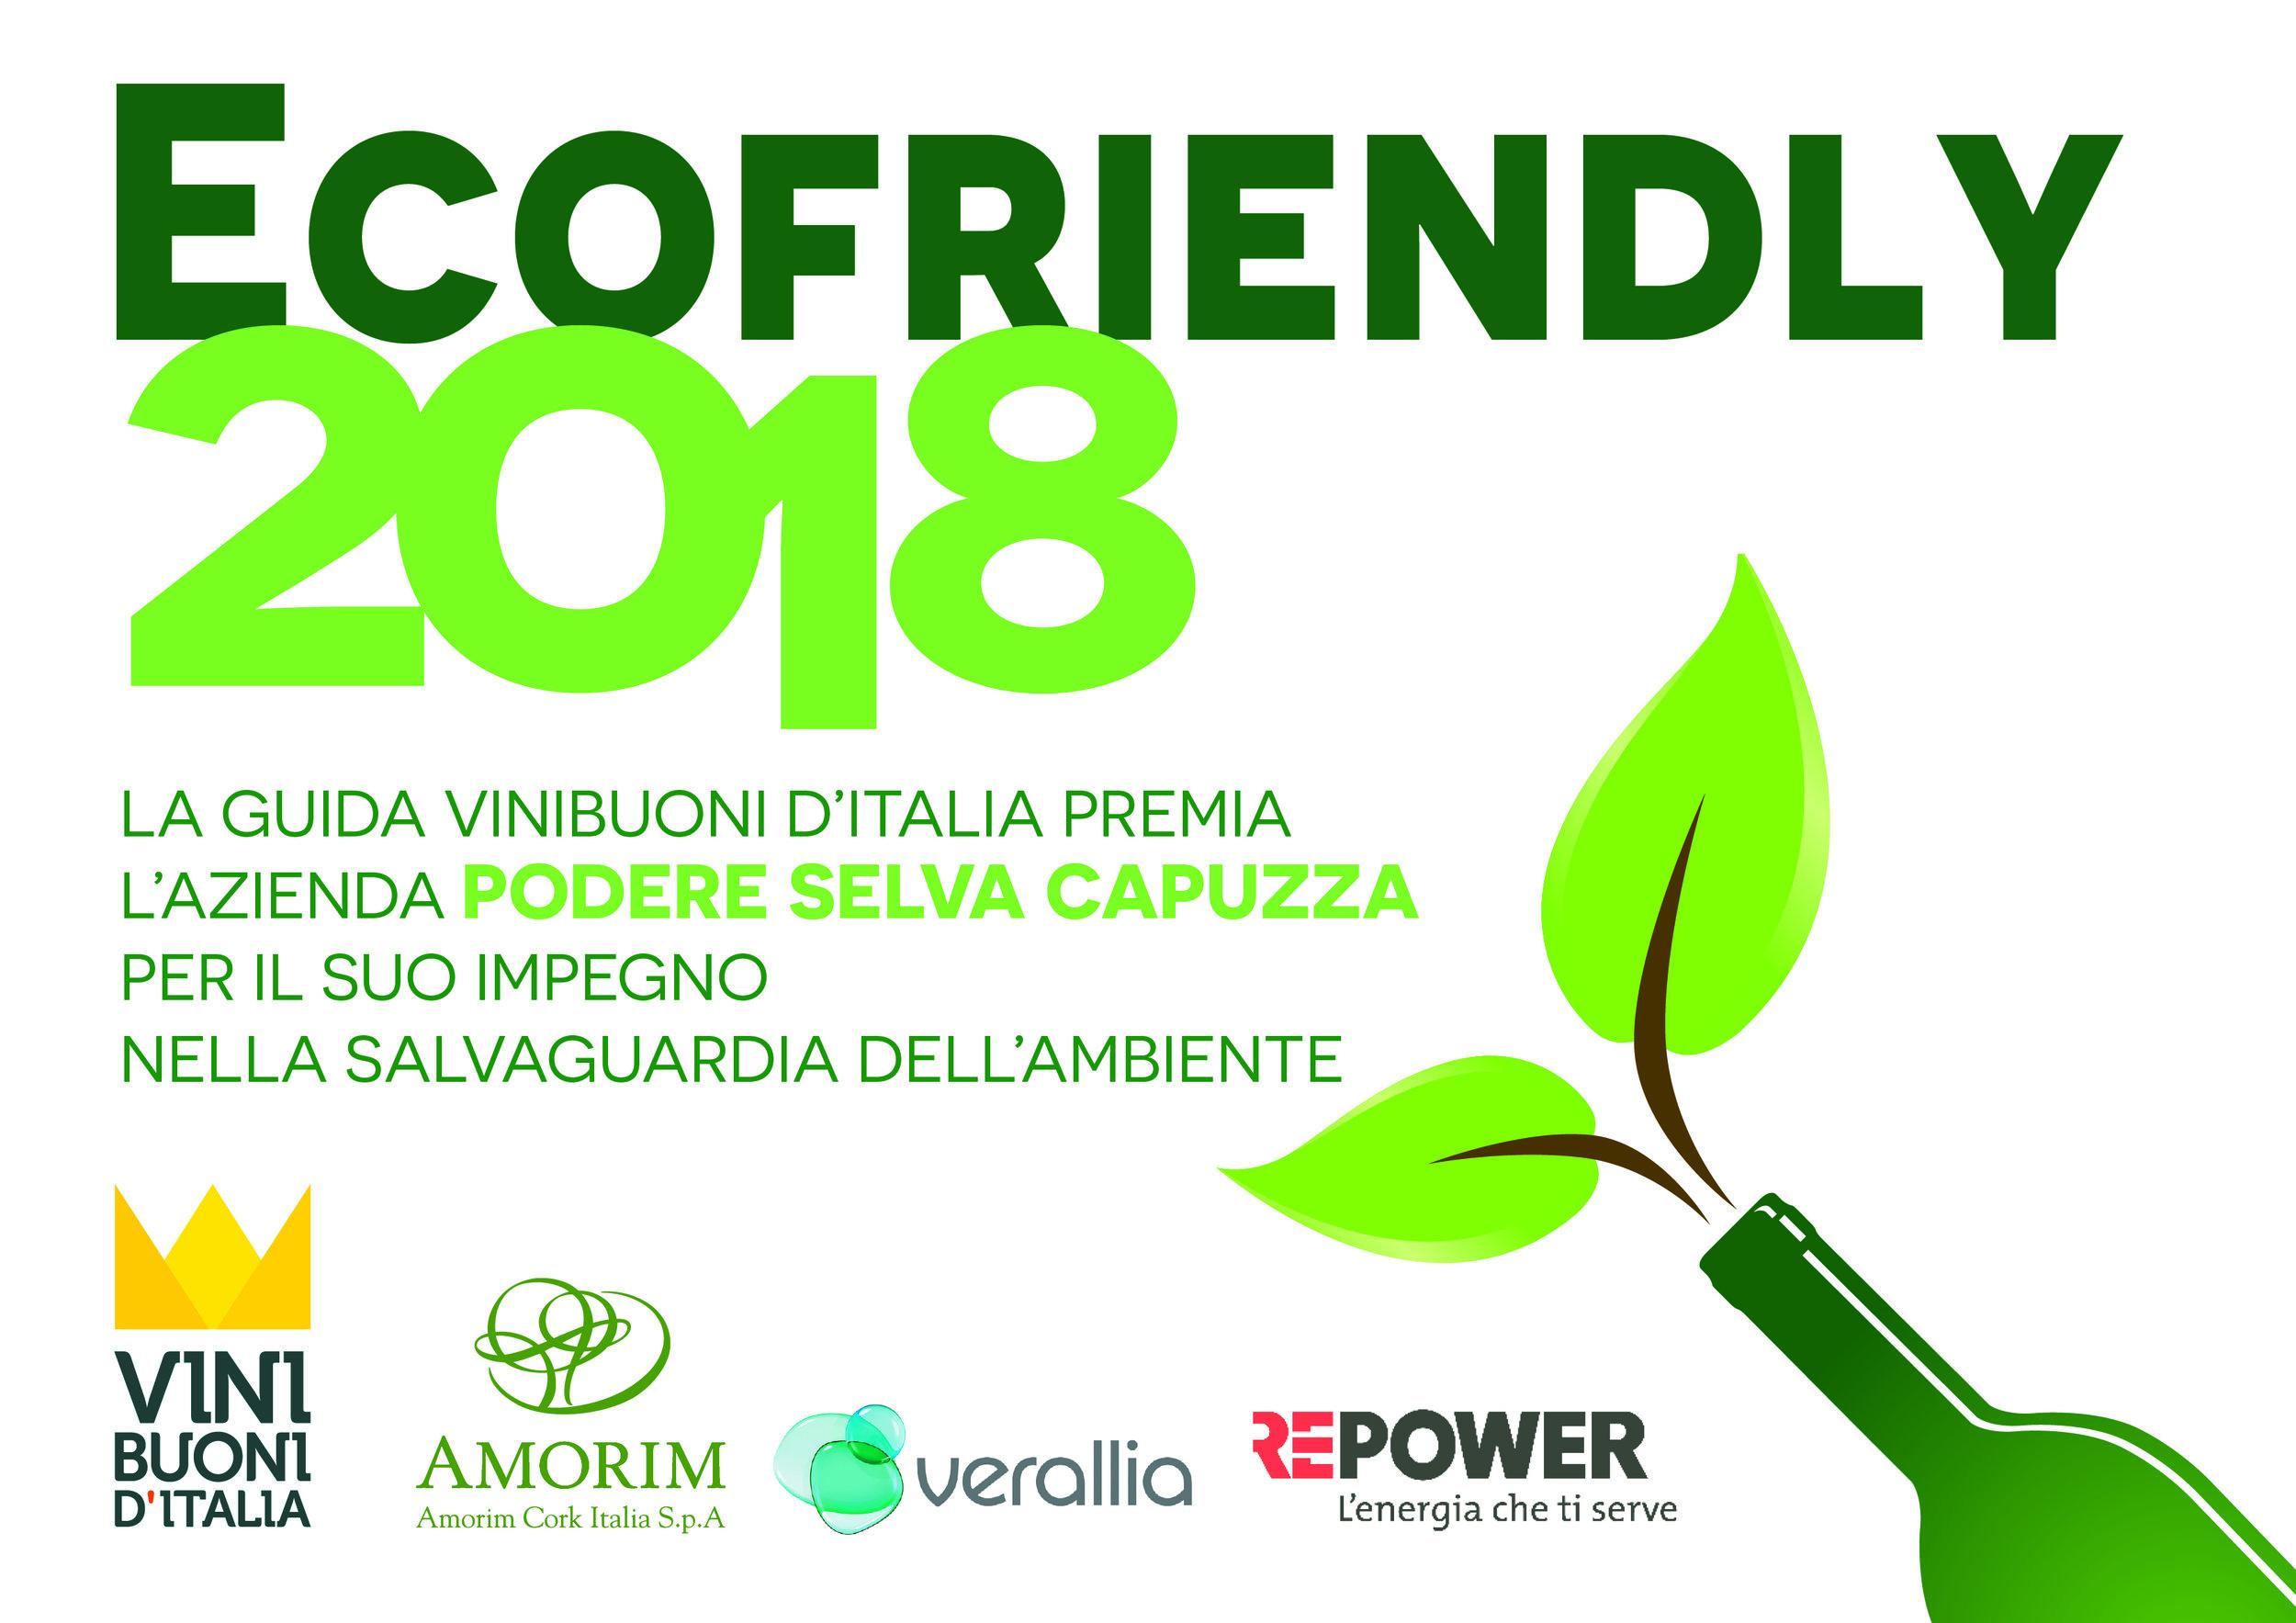 Touring Editore_Vinibuoni d'Italia_2018_Ecofriendly.jpg